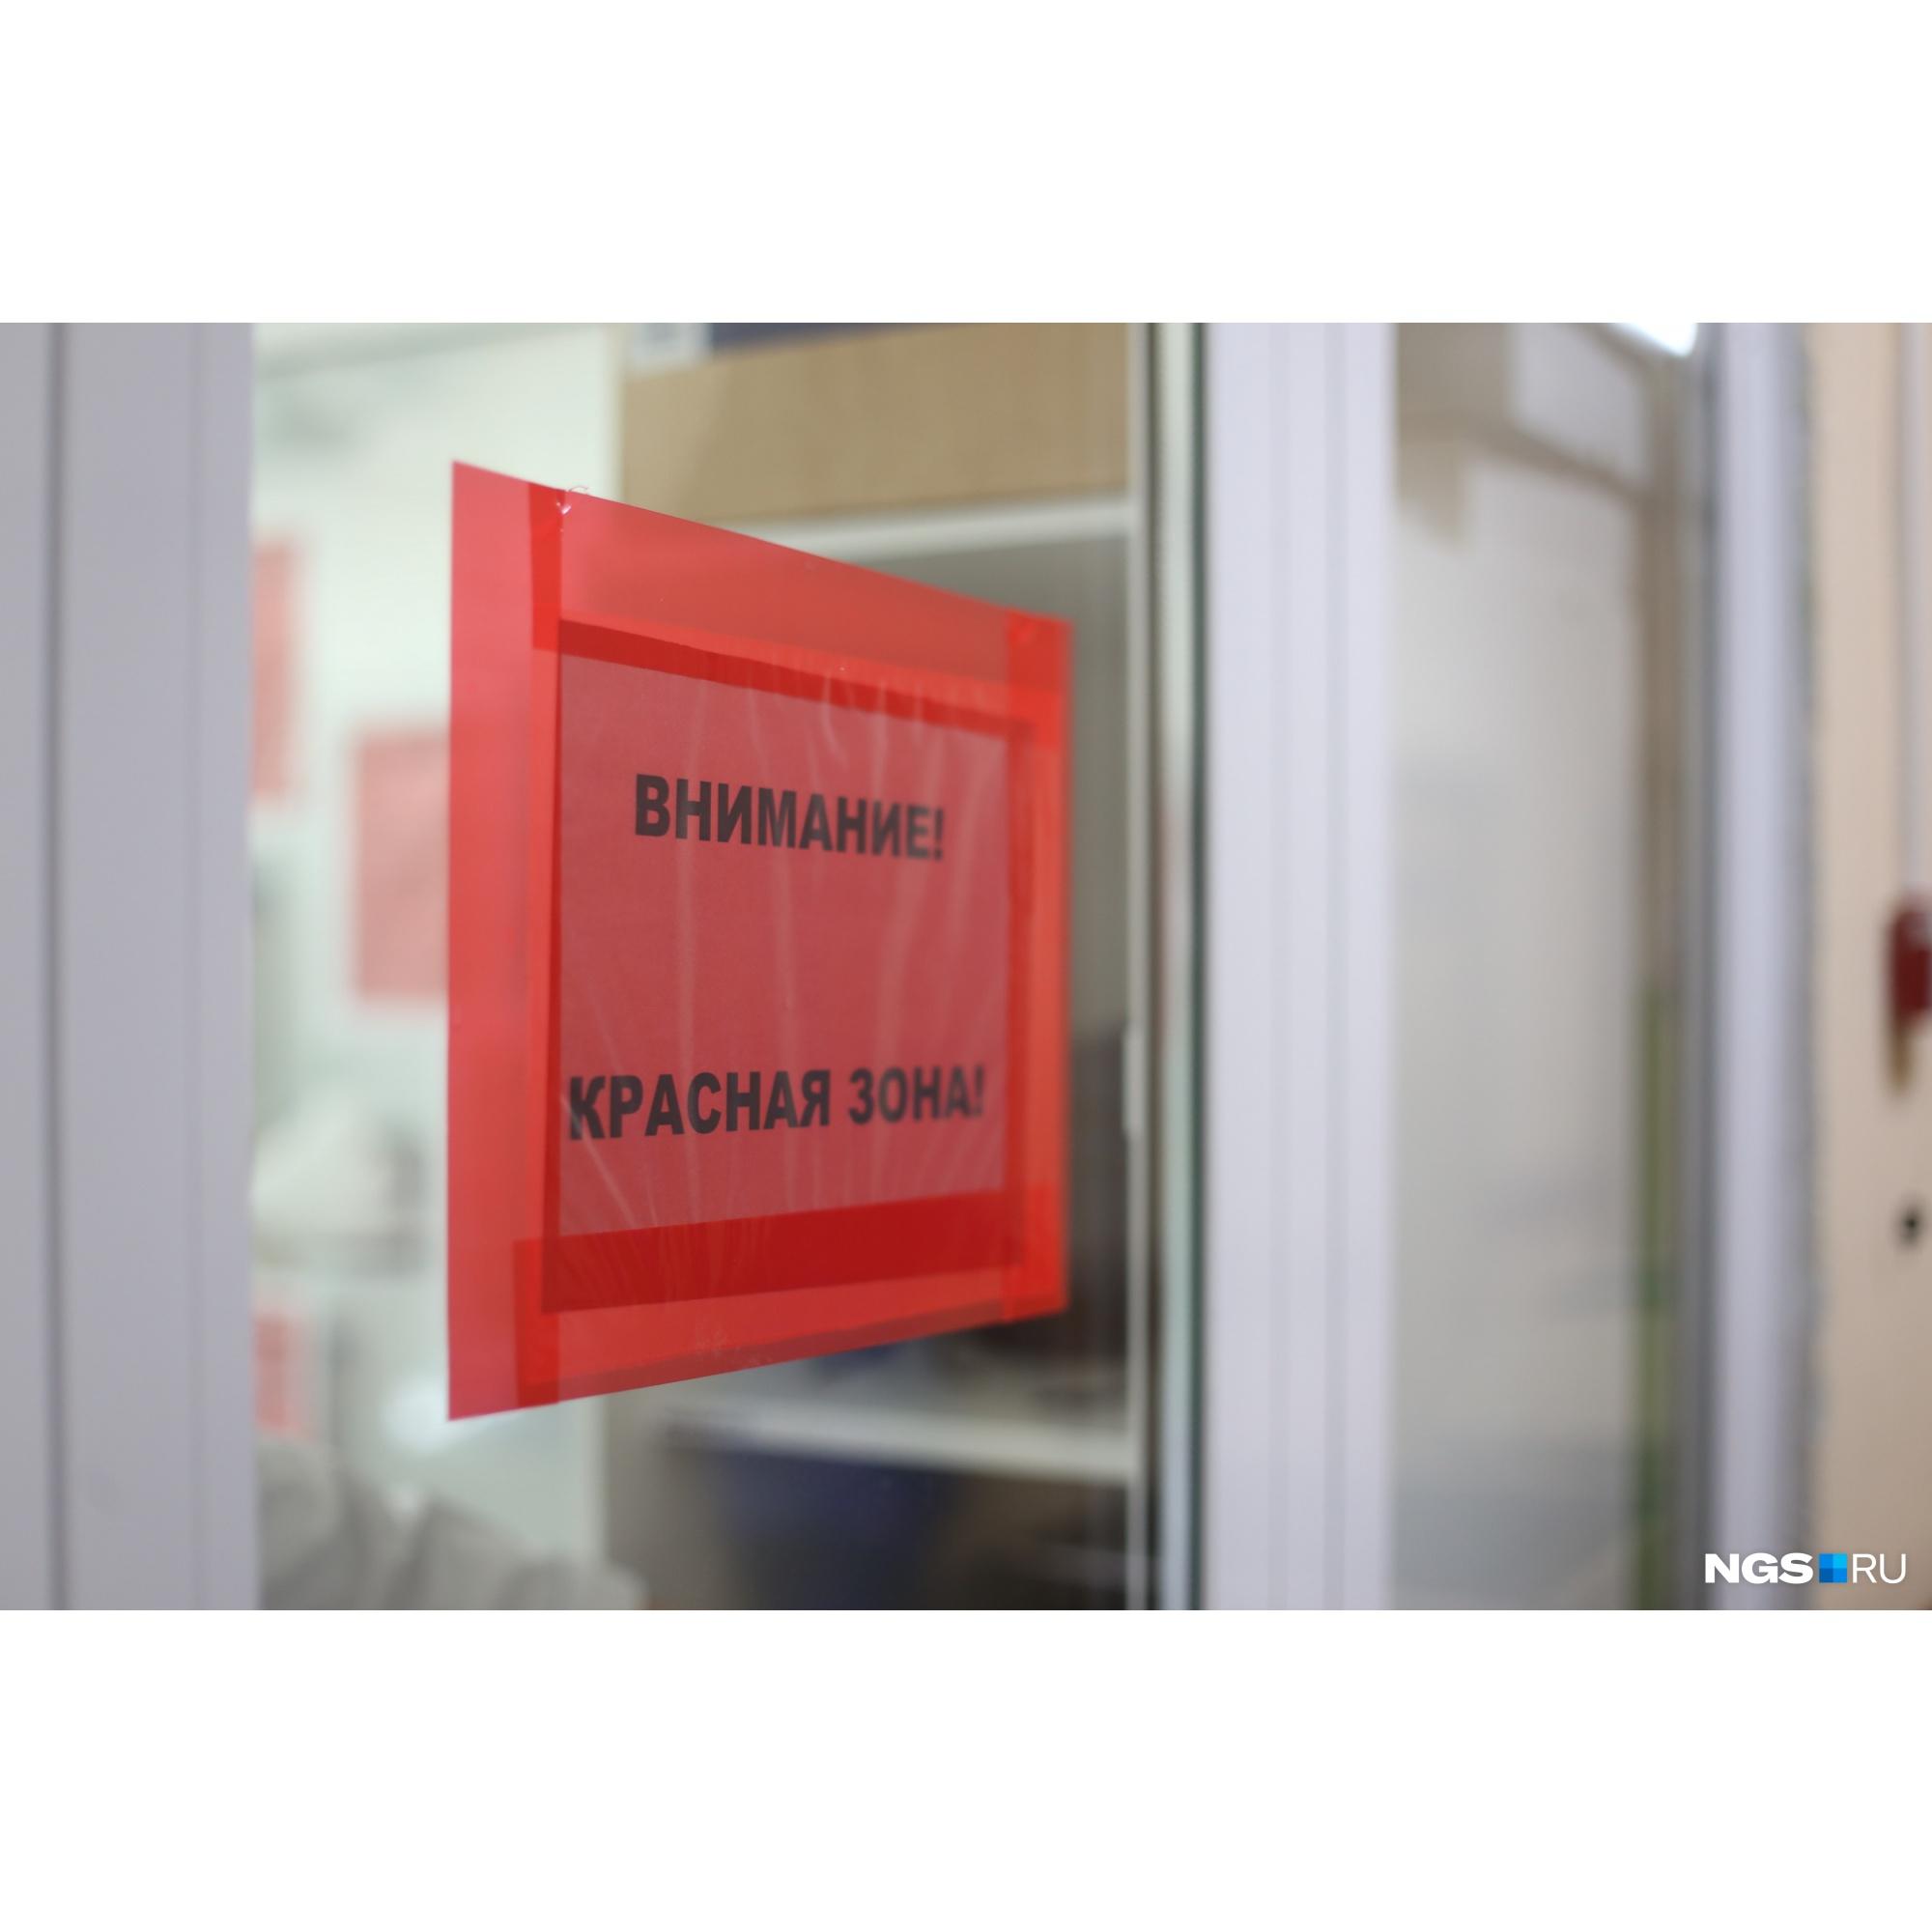 Вход и выход из «красной» зоны тщательно продумывались, чтобы сотрудникам было комфортно работать